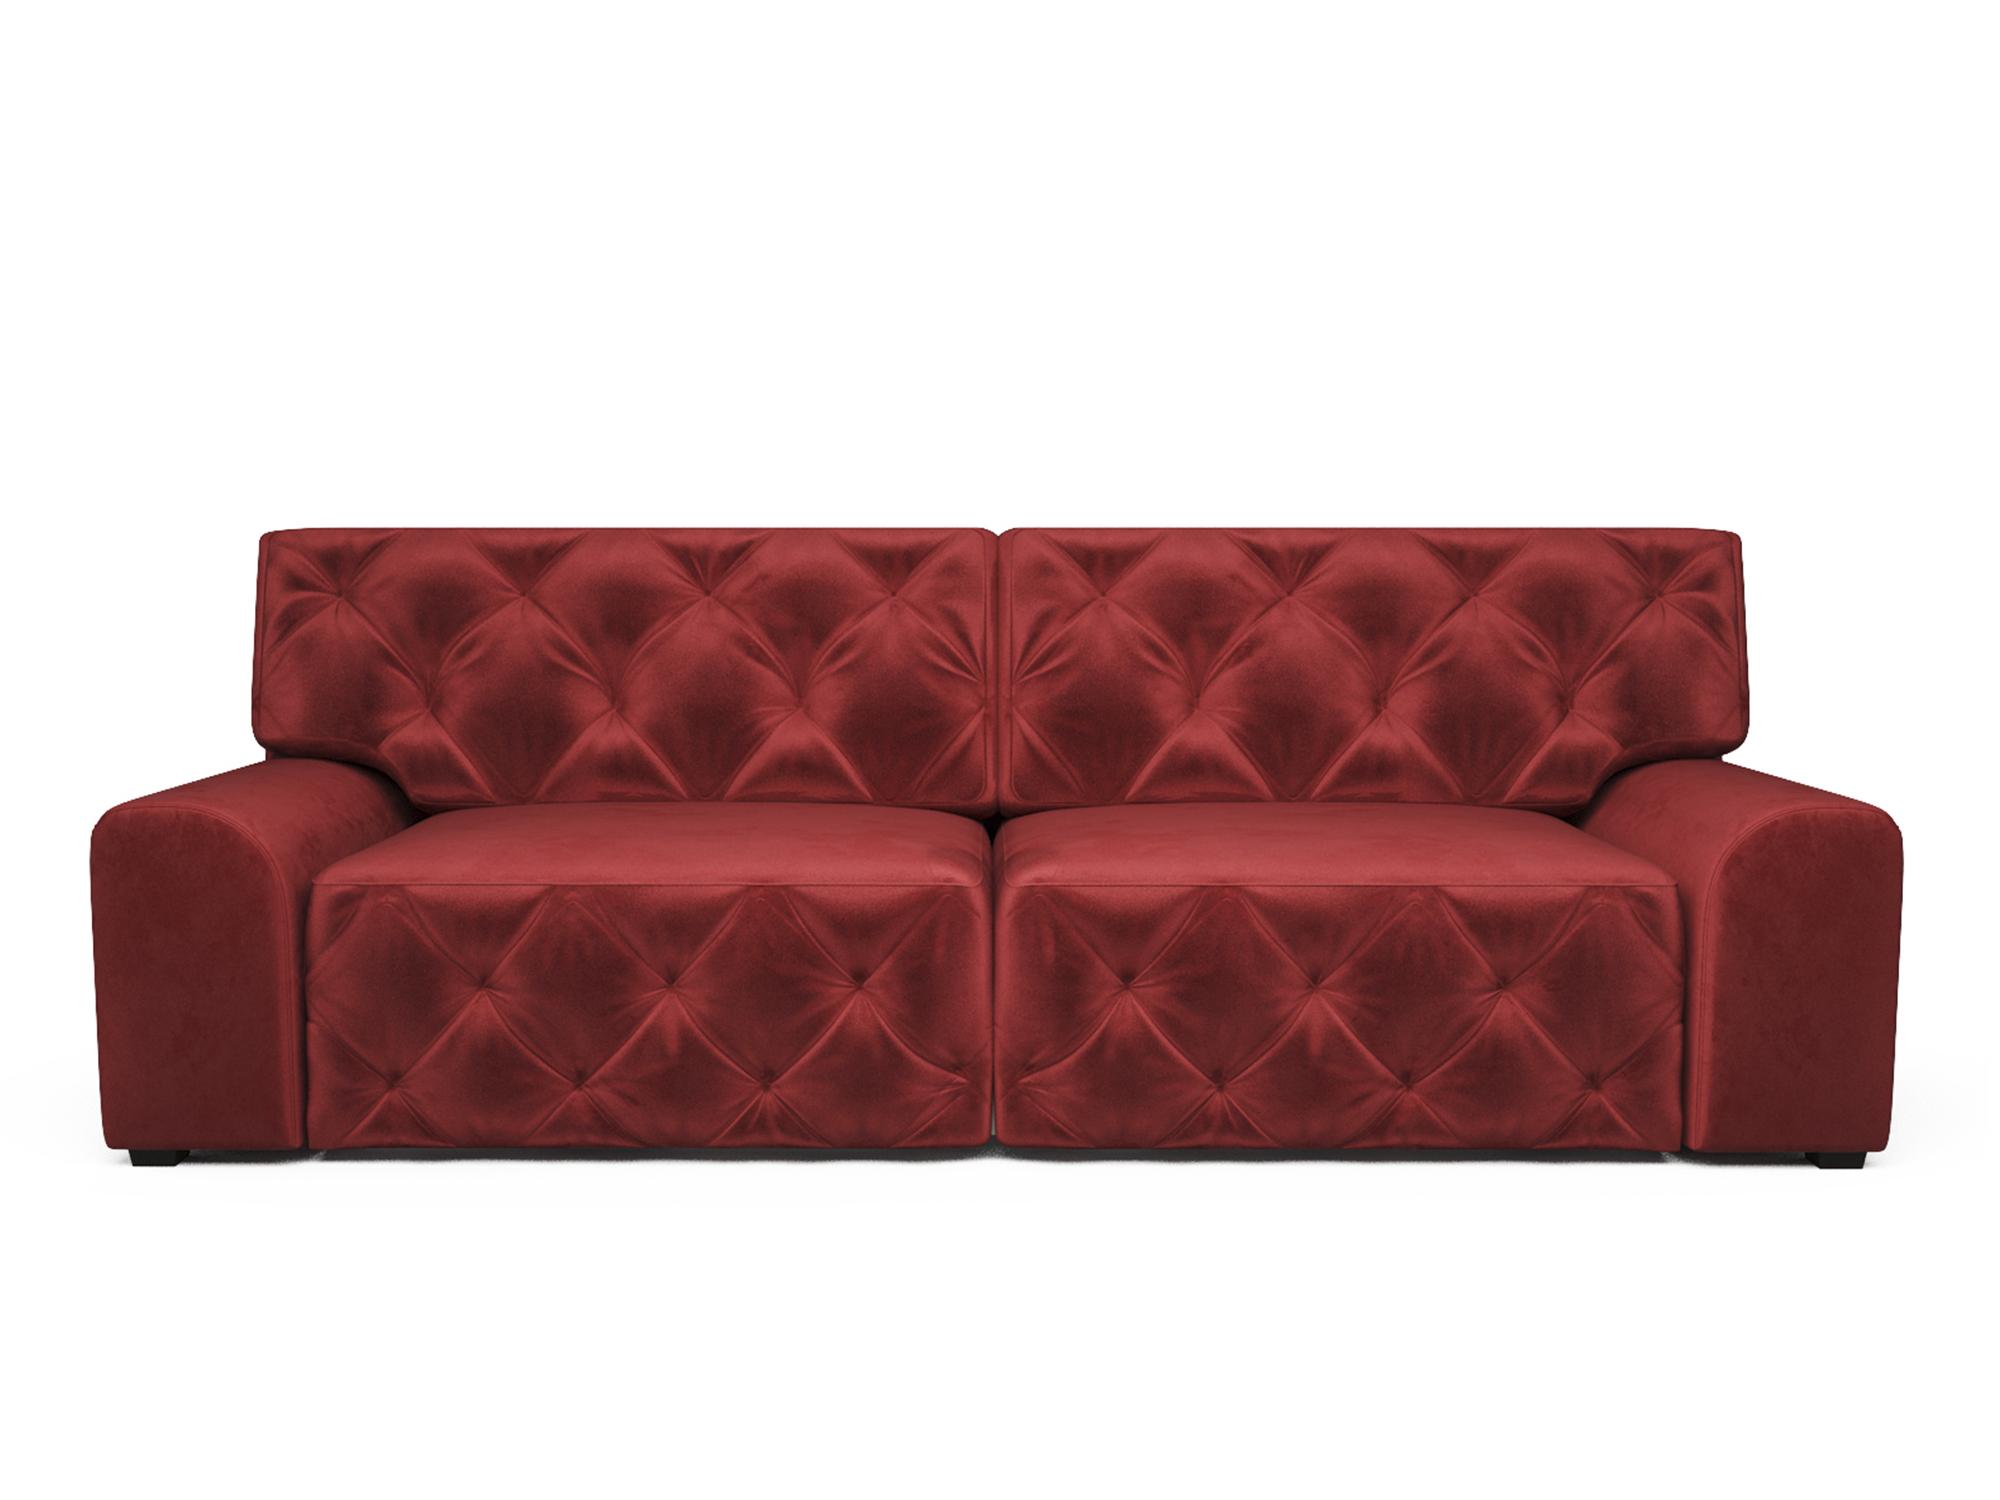 Фото - Диван Милан MebelVia Красный, Микровелюр, Брус сосны диван мальтида mebelvia красный микровелюр брус сосны